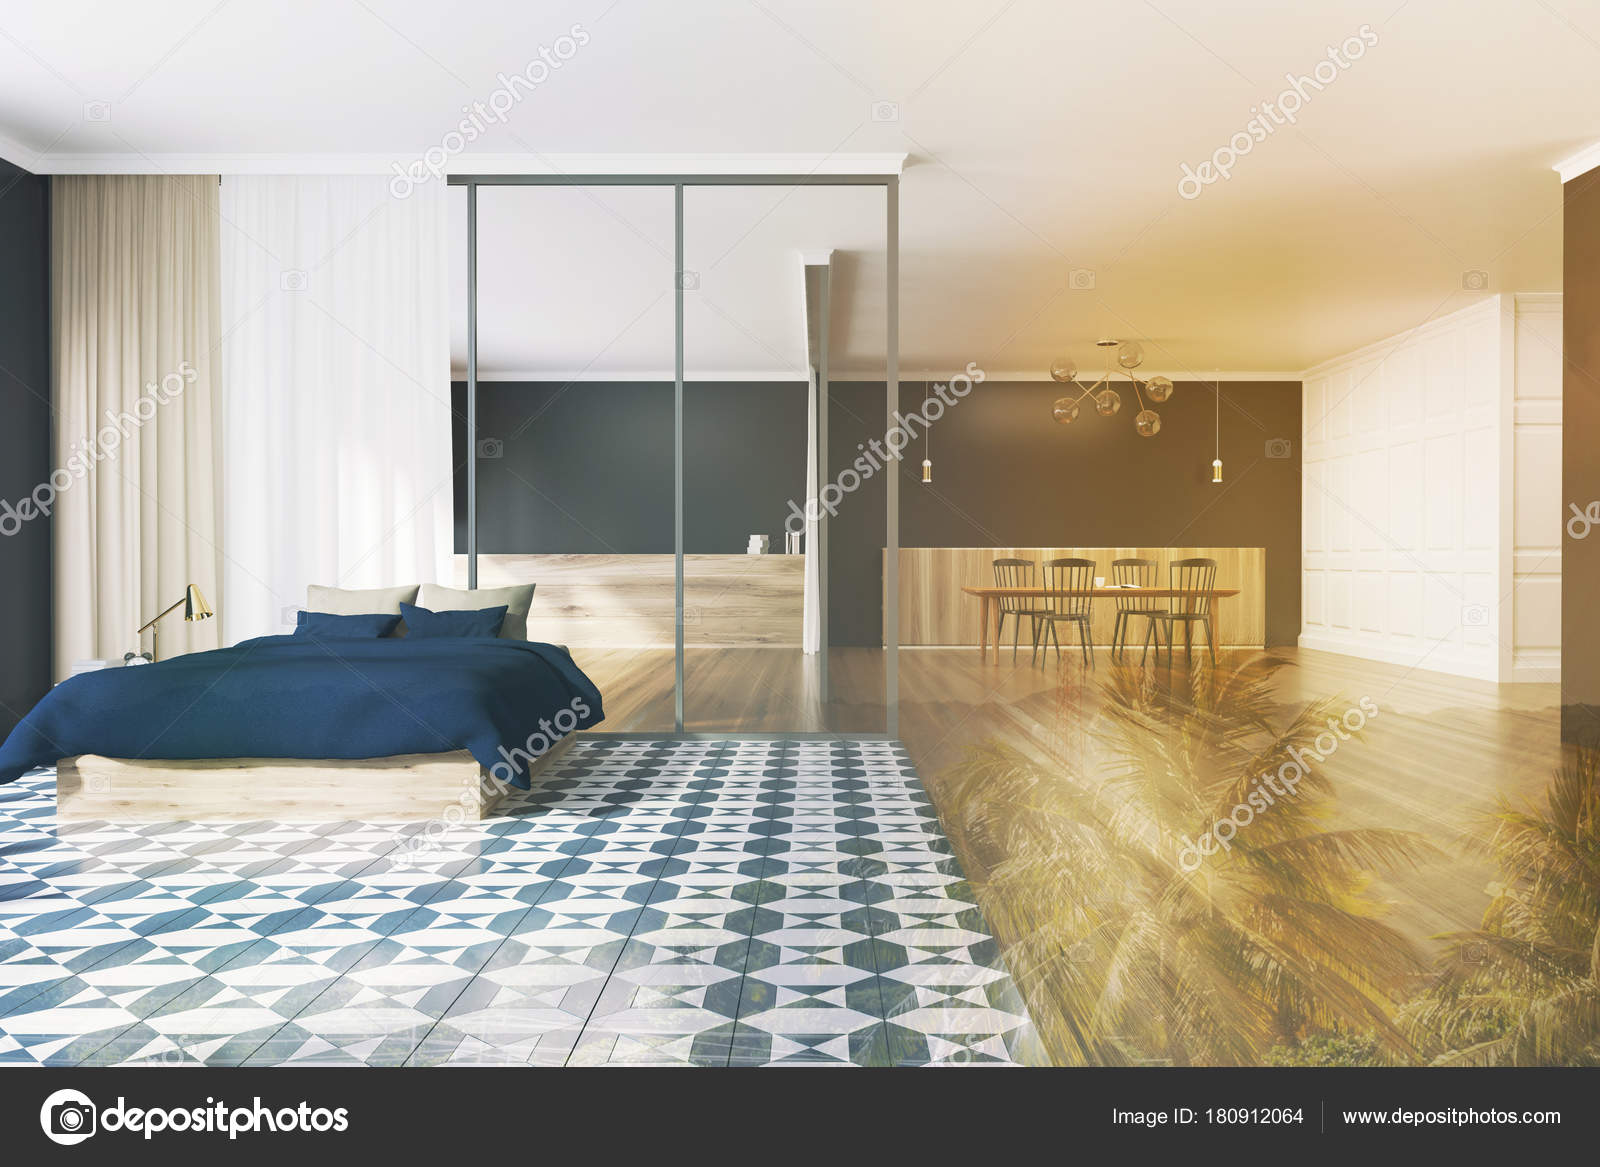 Vloer Voor Slaapkamer : Geblokte vloer slaapkamer en eetkamer zwart zon u stockfoto